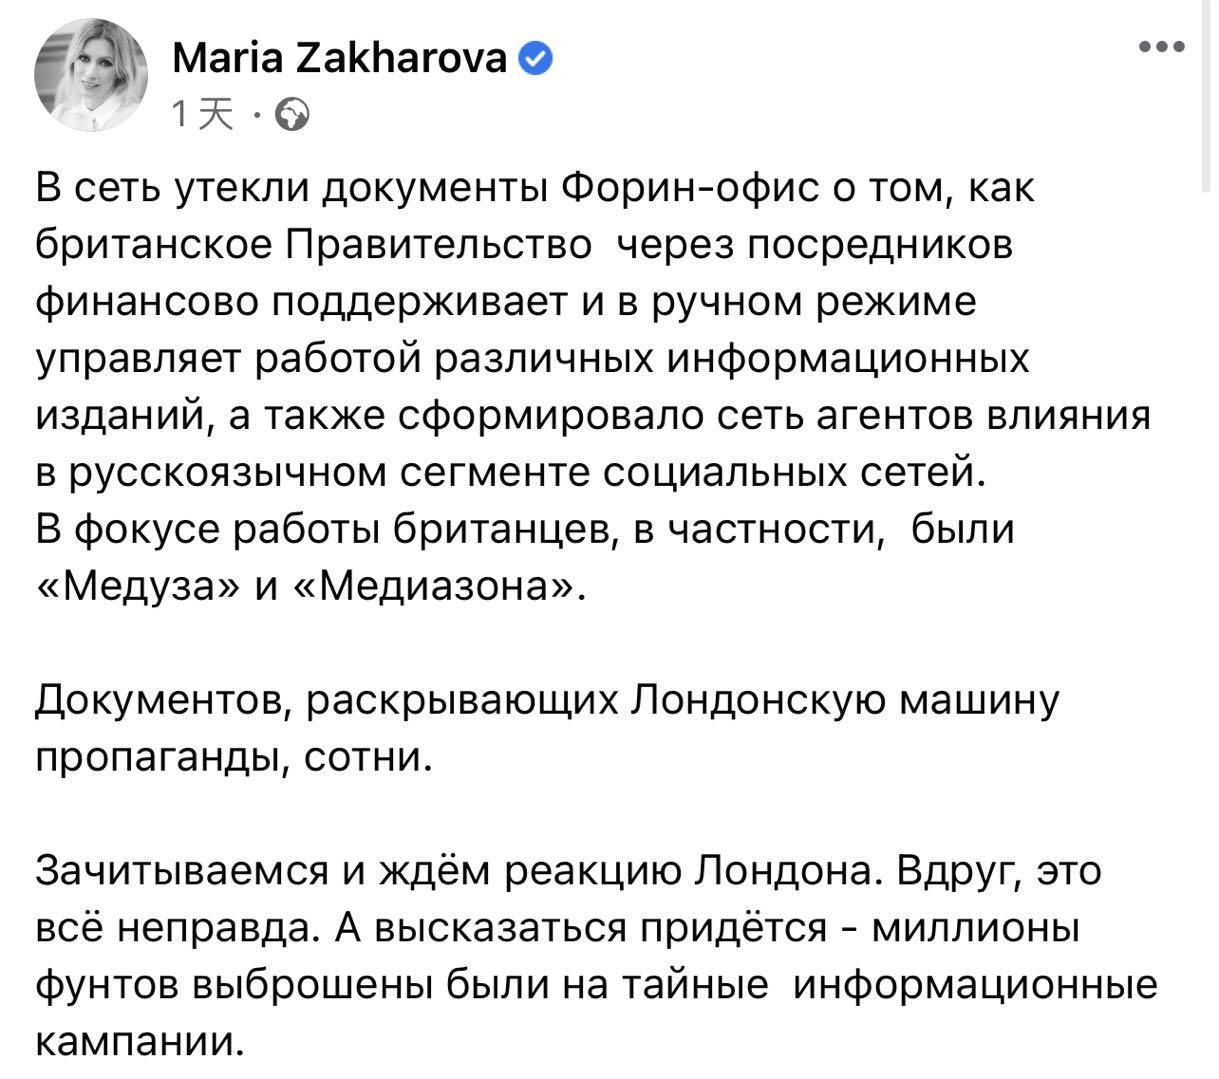 俄外交部发言人:英国通过代理人操控俄境内媒体